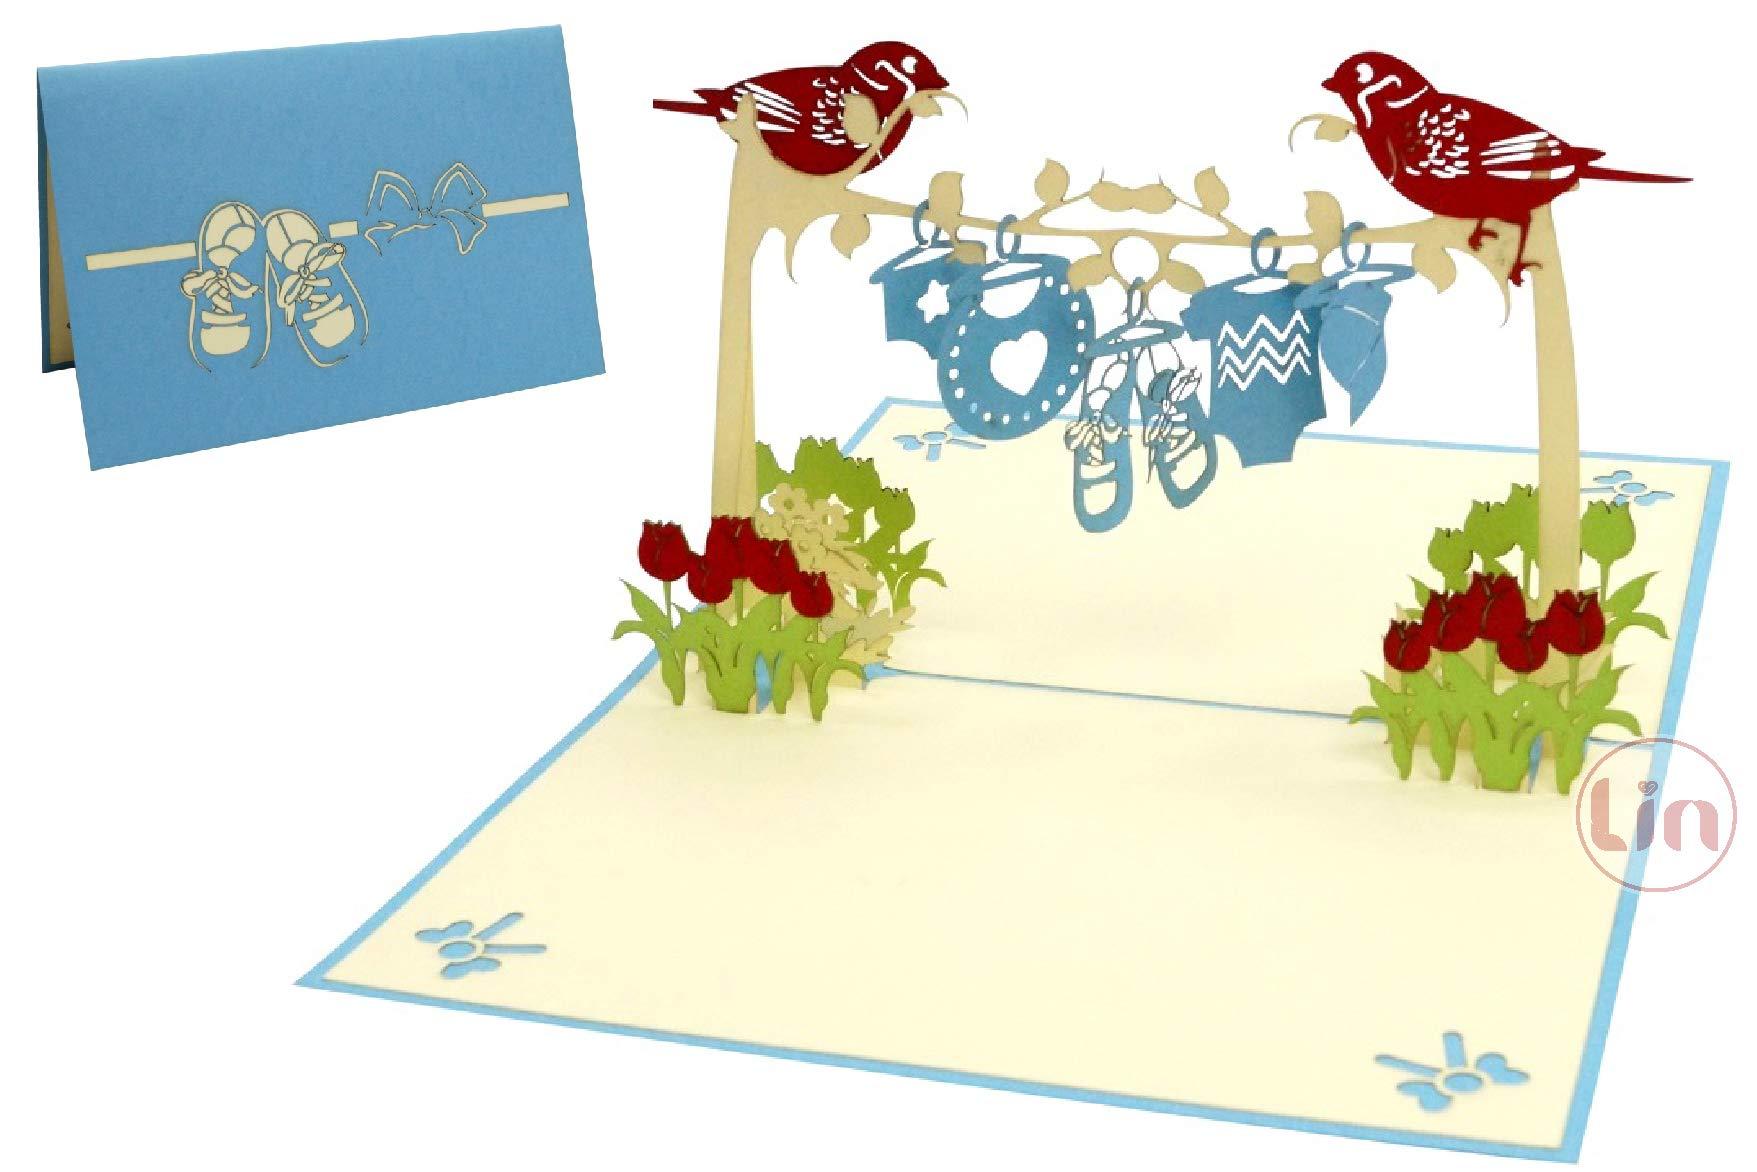 LIN17582 - Tarjeta postal de nacimiento, tarjeta de felicitación de nacimiento, tarjeta de nacimiento, tarjeta de felicitación en 3D, N342: Amazon.es: Oficina y papelería